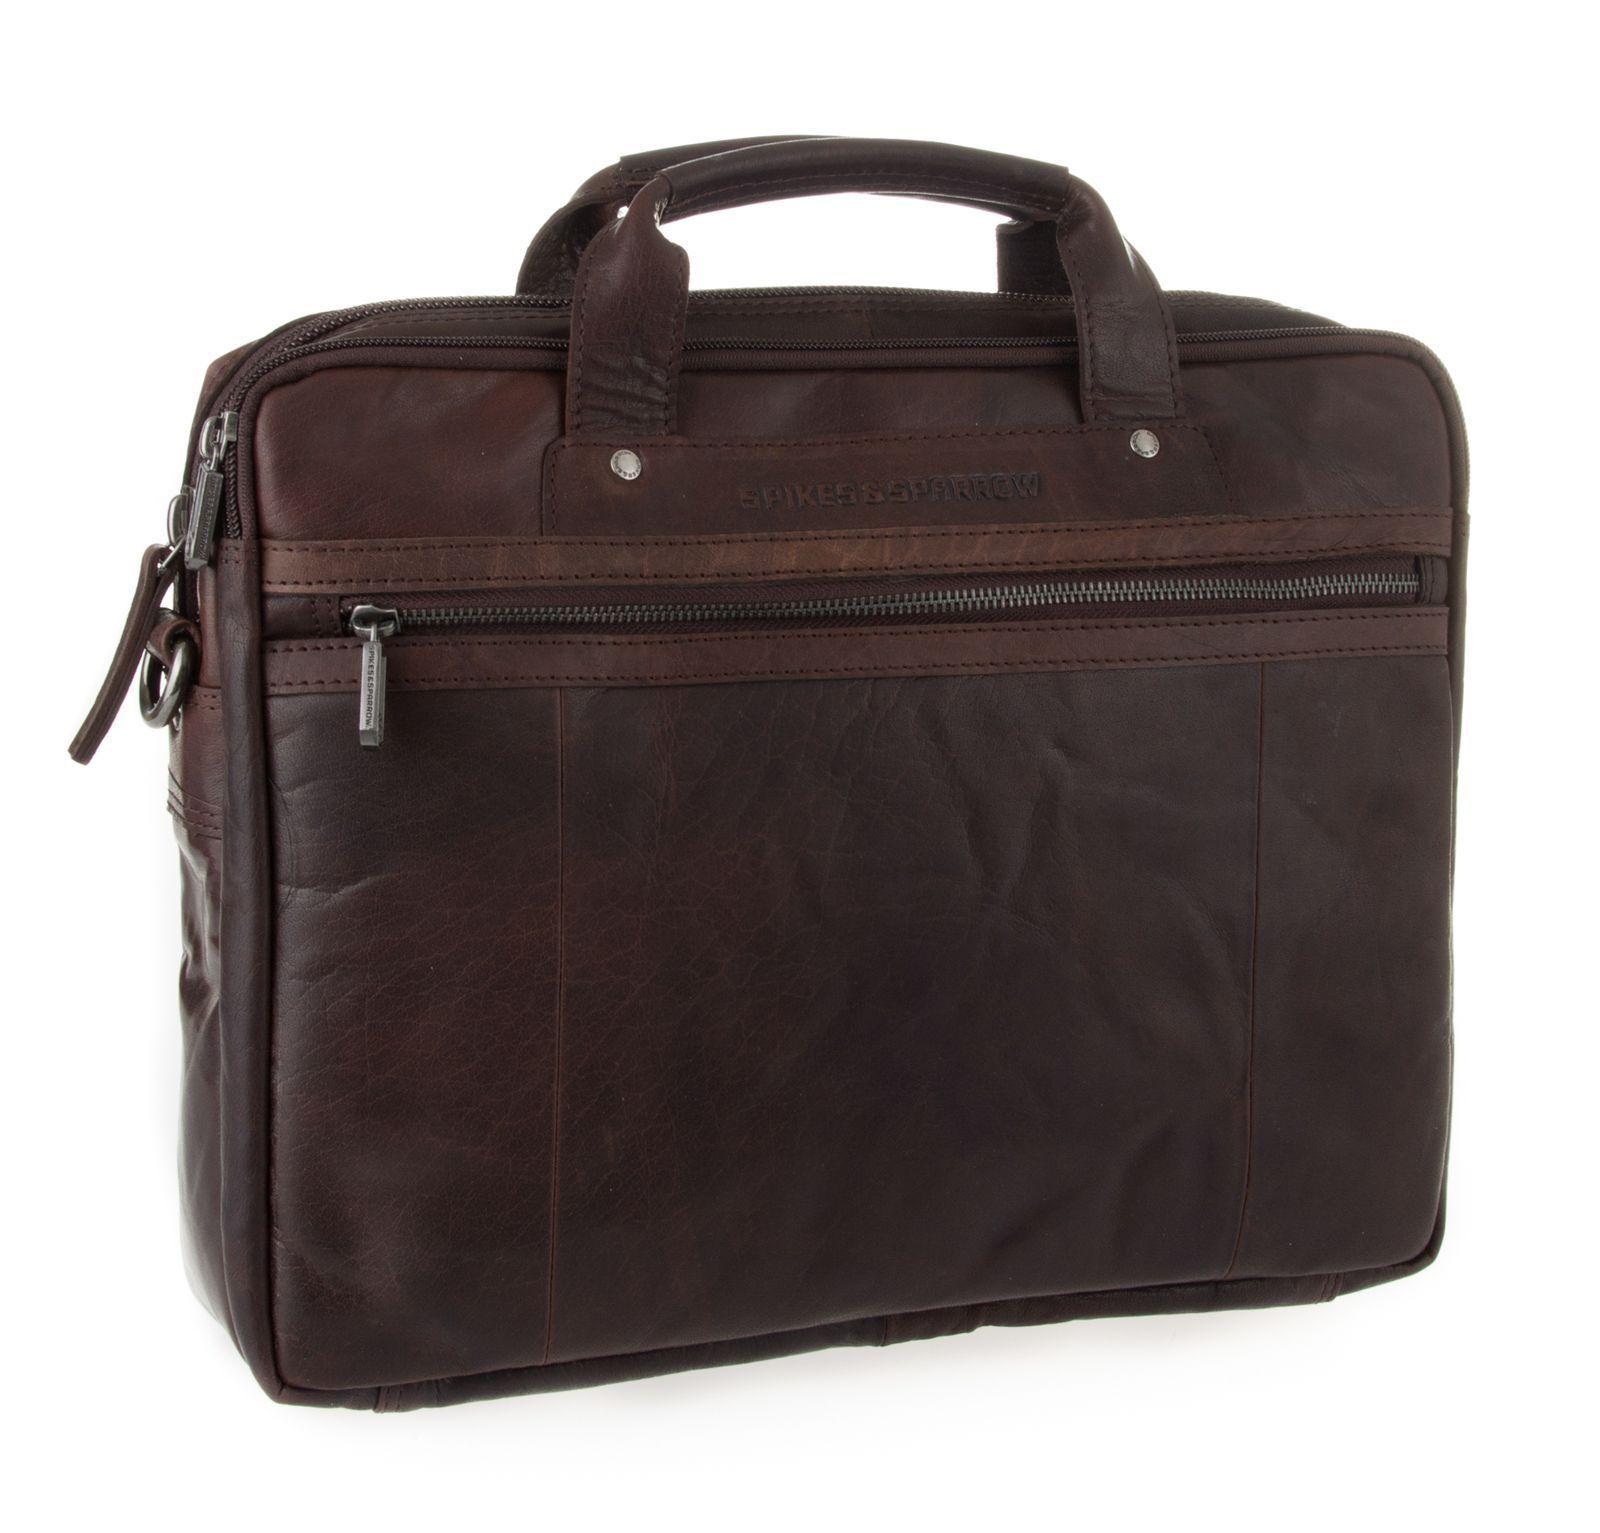 SPIKES & SPARROW Bronco Business Bag S Umhängetasche Tasche Dark braun Braun Neu | Online-verkauf  | Lass unsere Waren in die Welt gehen  | Leicht zu reinigende Oberfläche